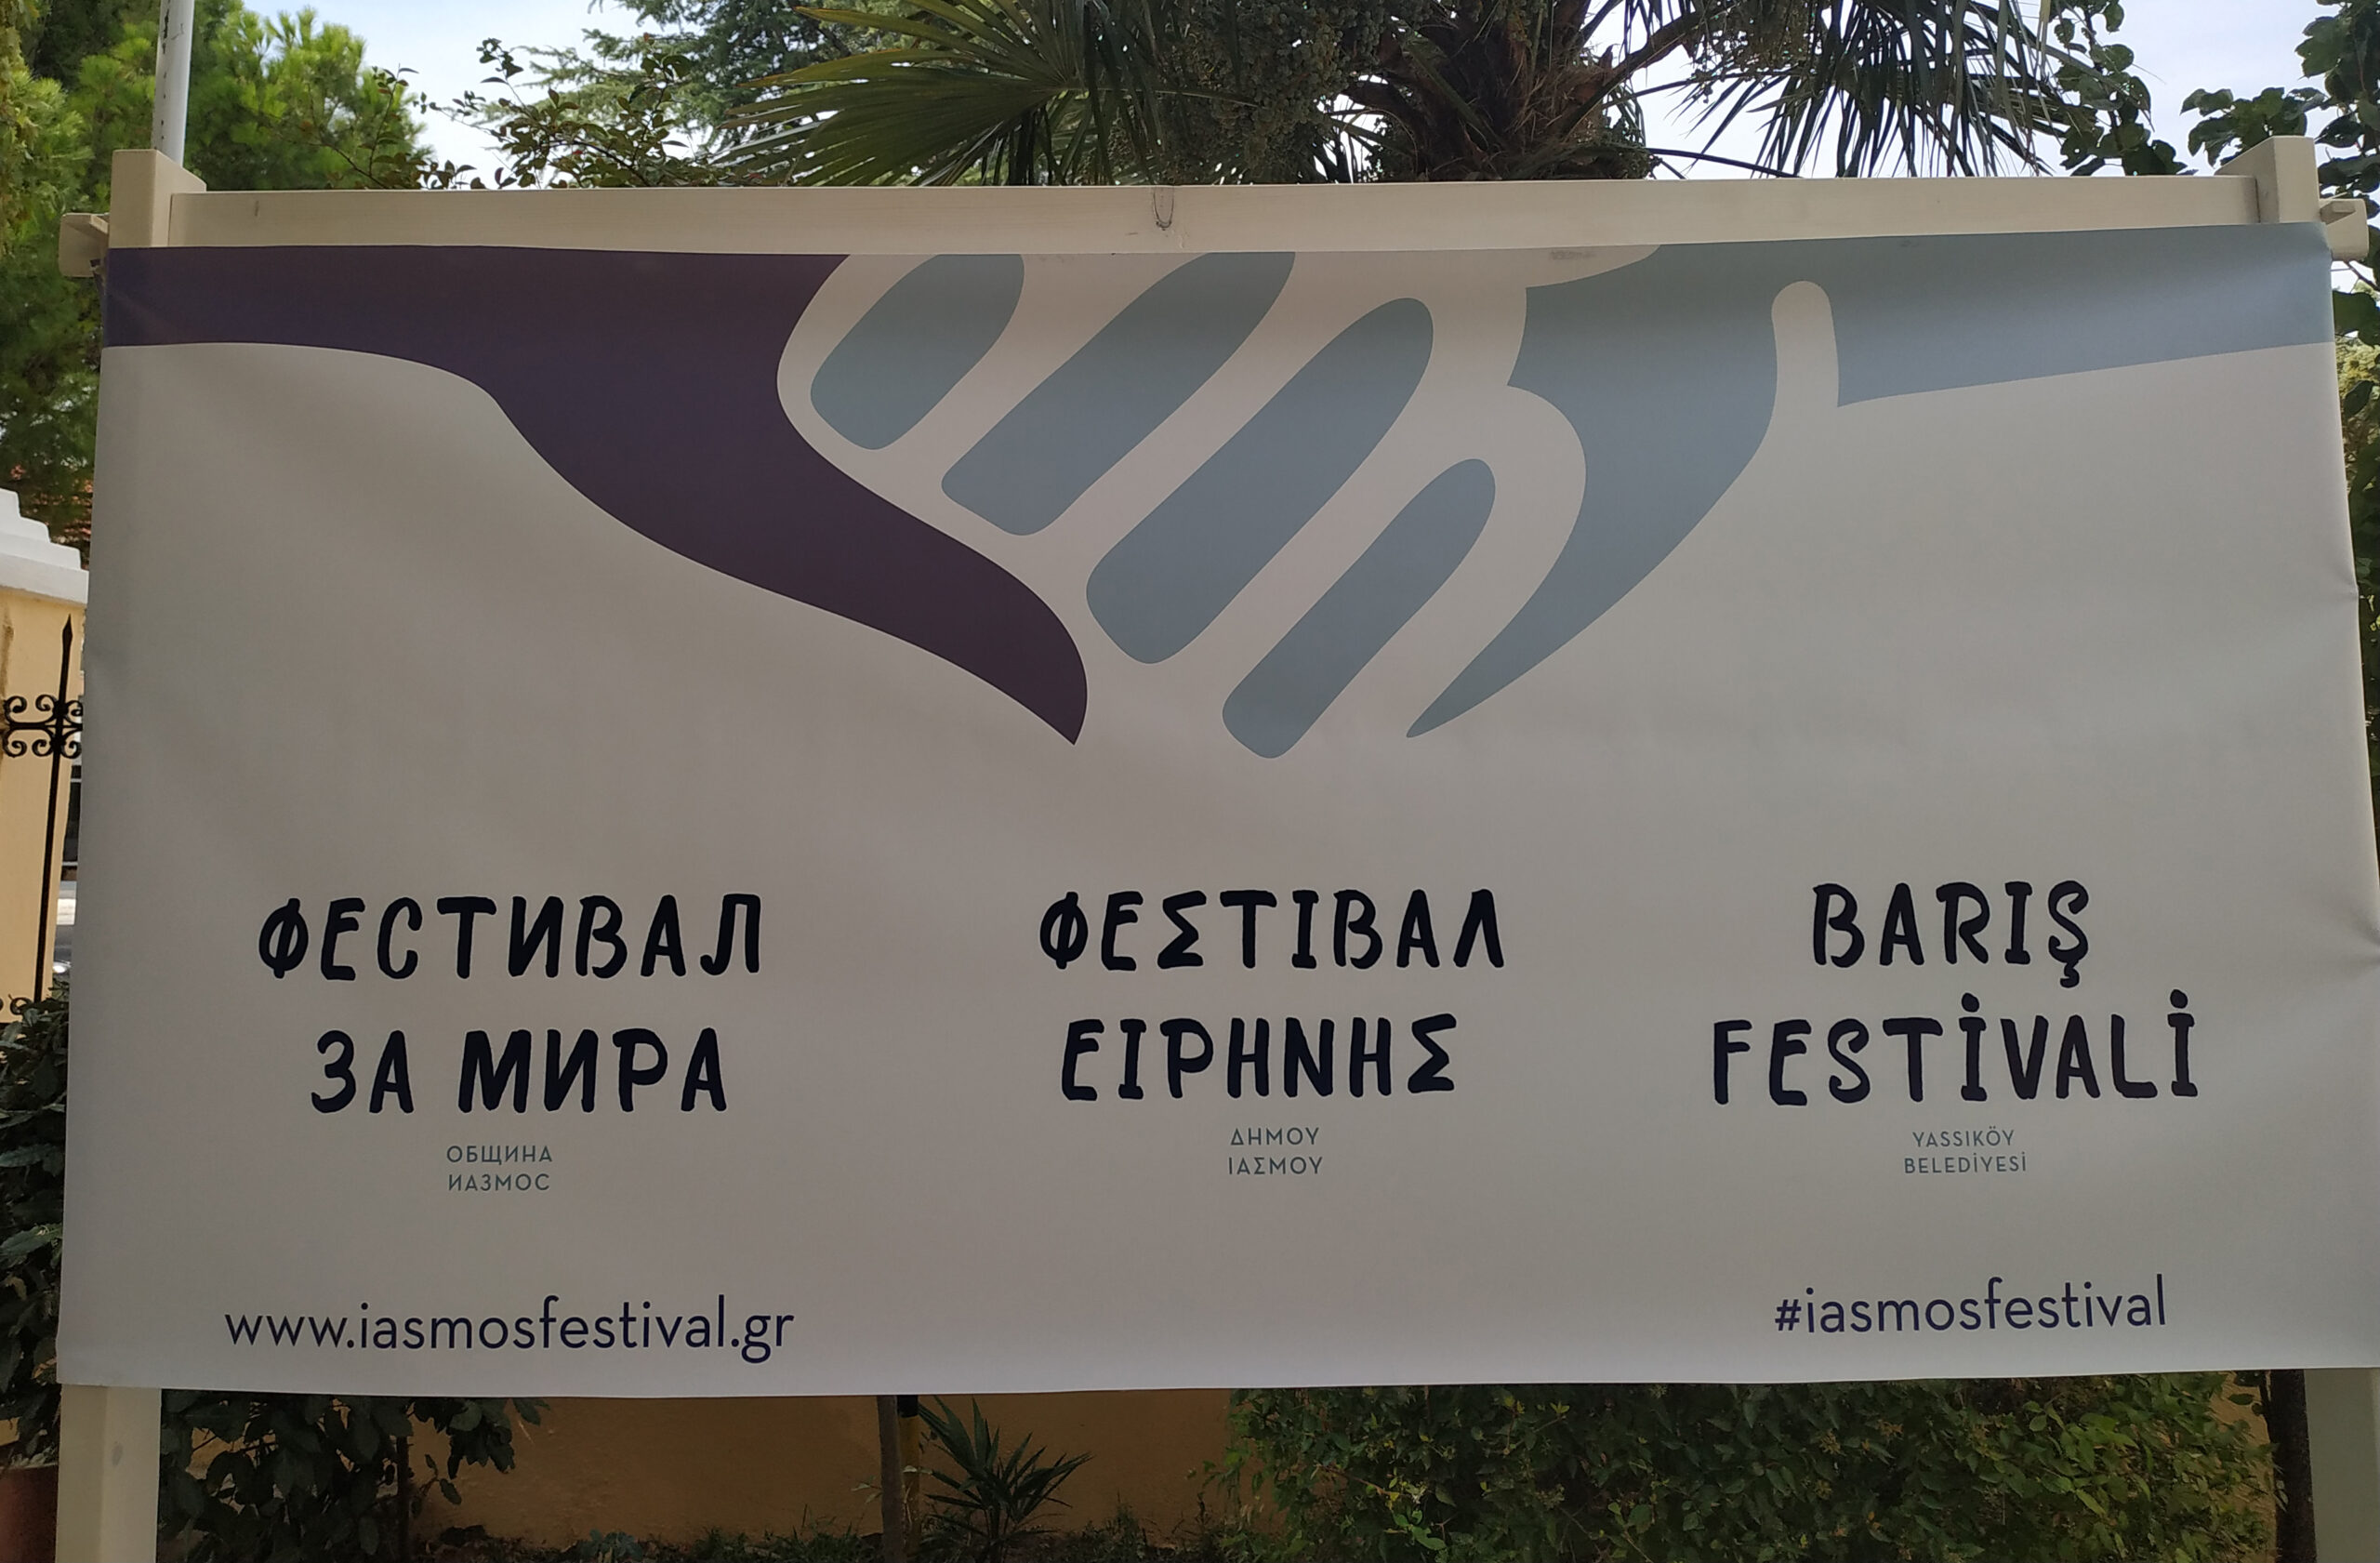 Φεστιβάλ Ειρήνης : Δωρεάν είσοδος με κράτηση θέσης